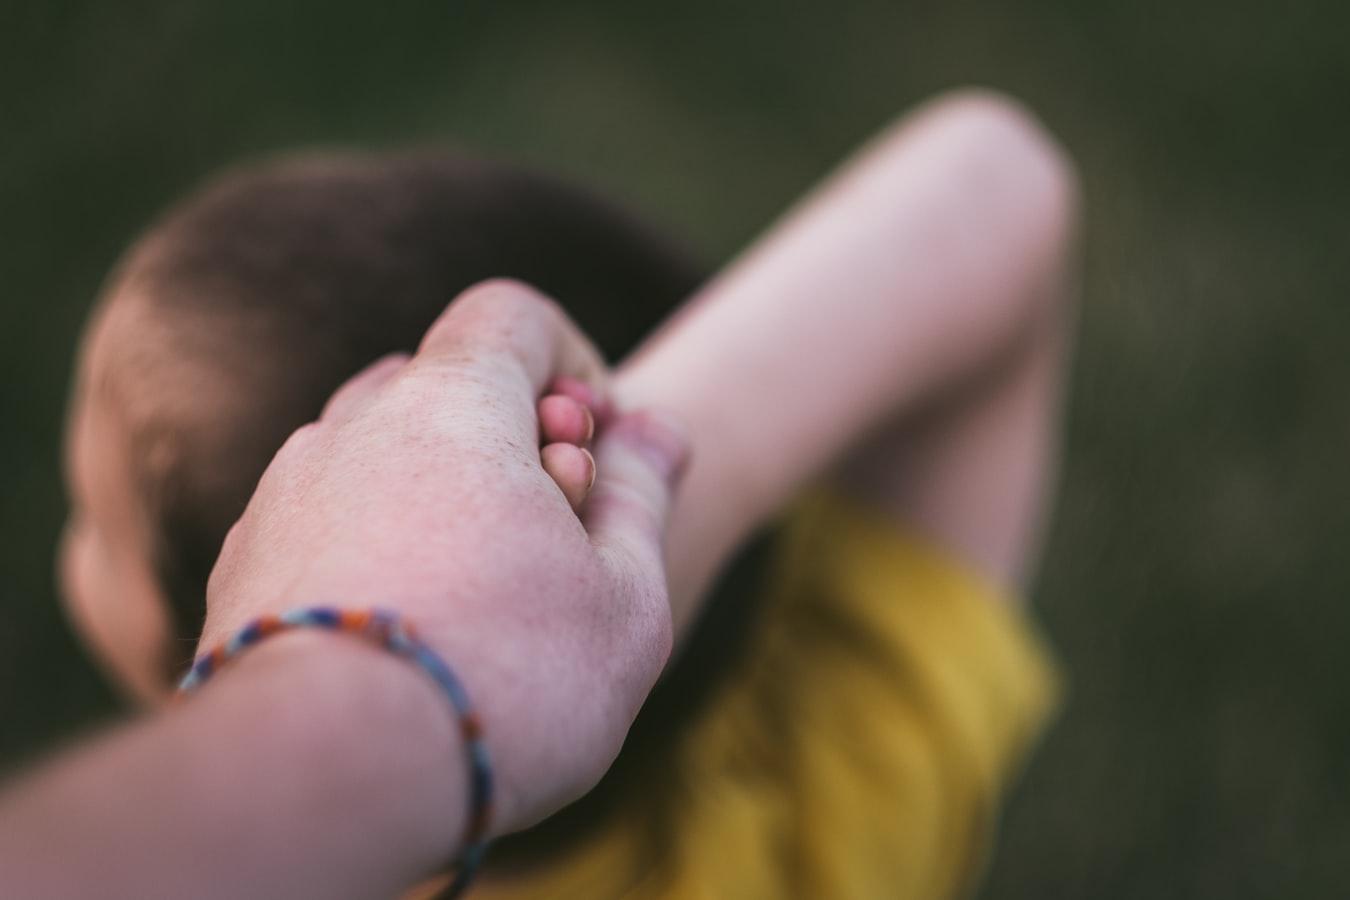 Un enfant retenu par le bras par un adulte